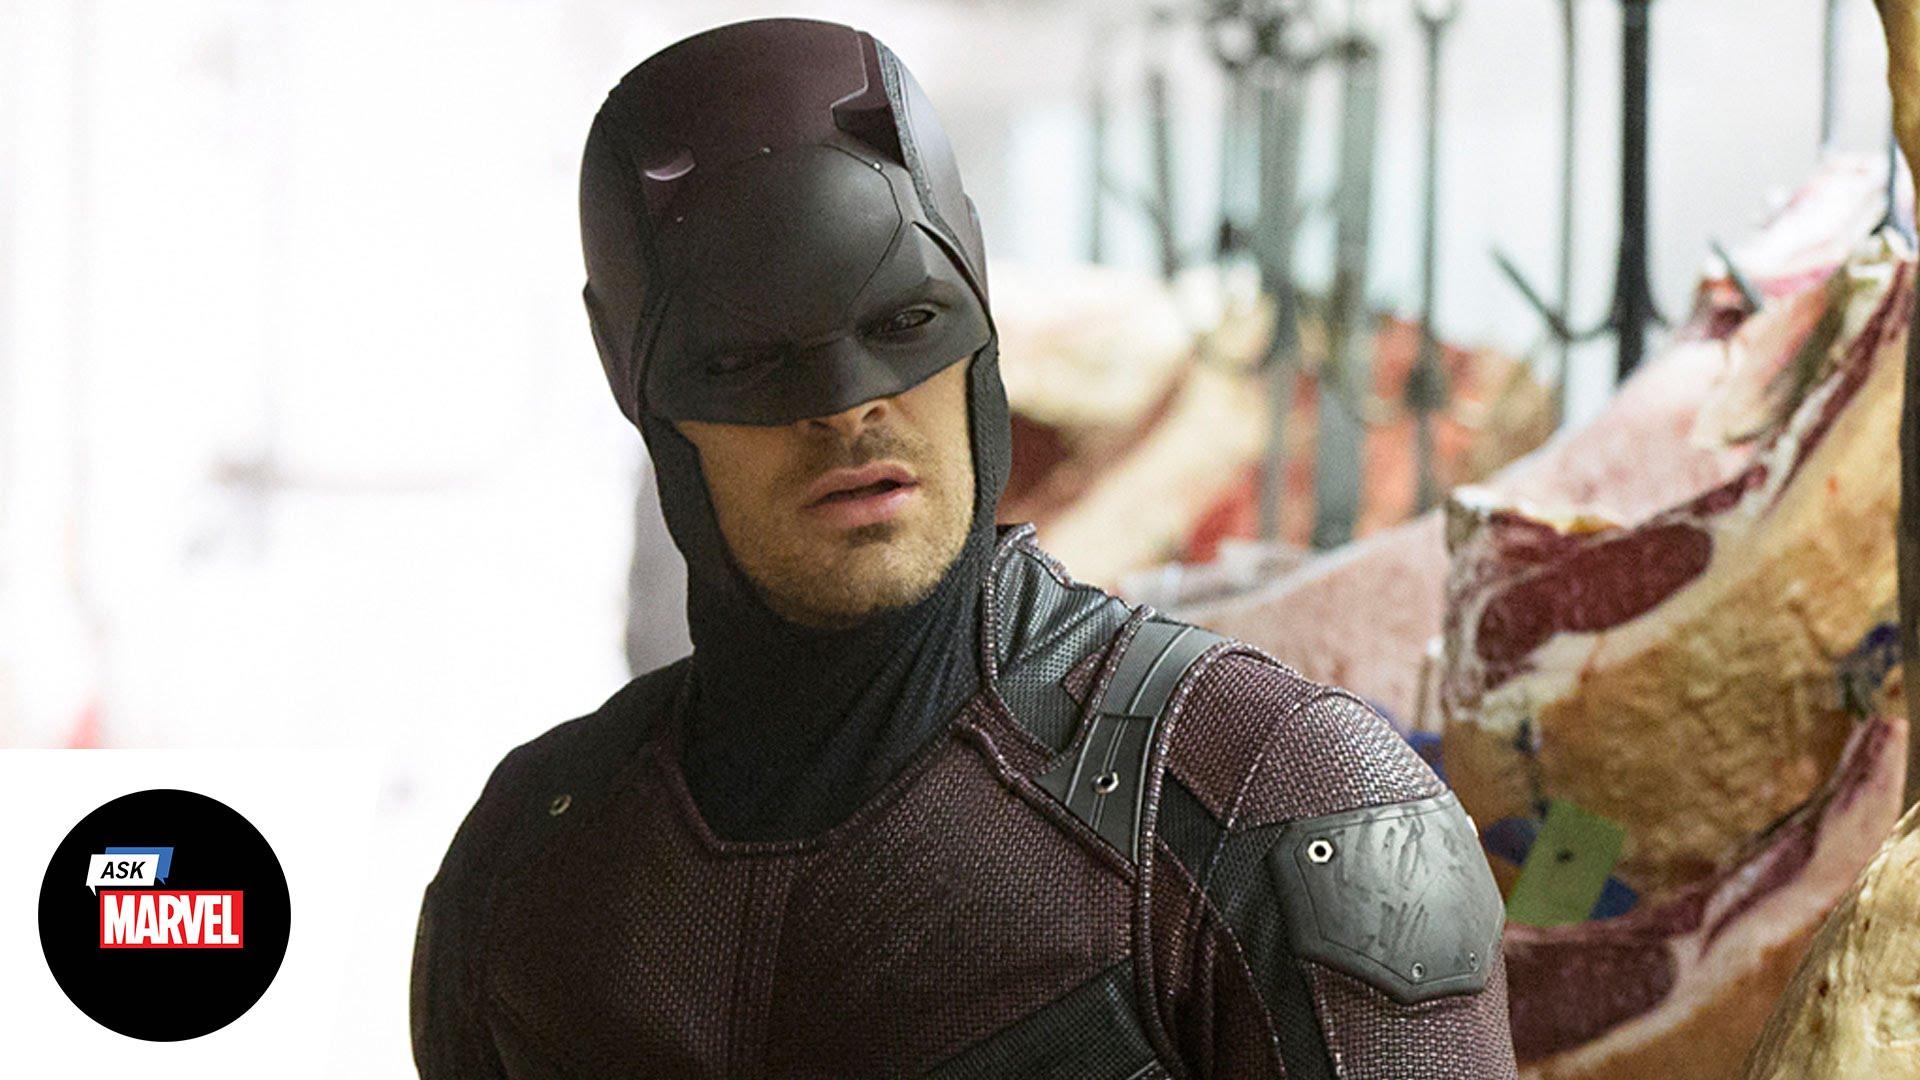 Ask Marvel: Daredevil Cast